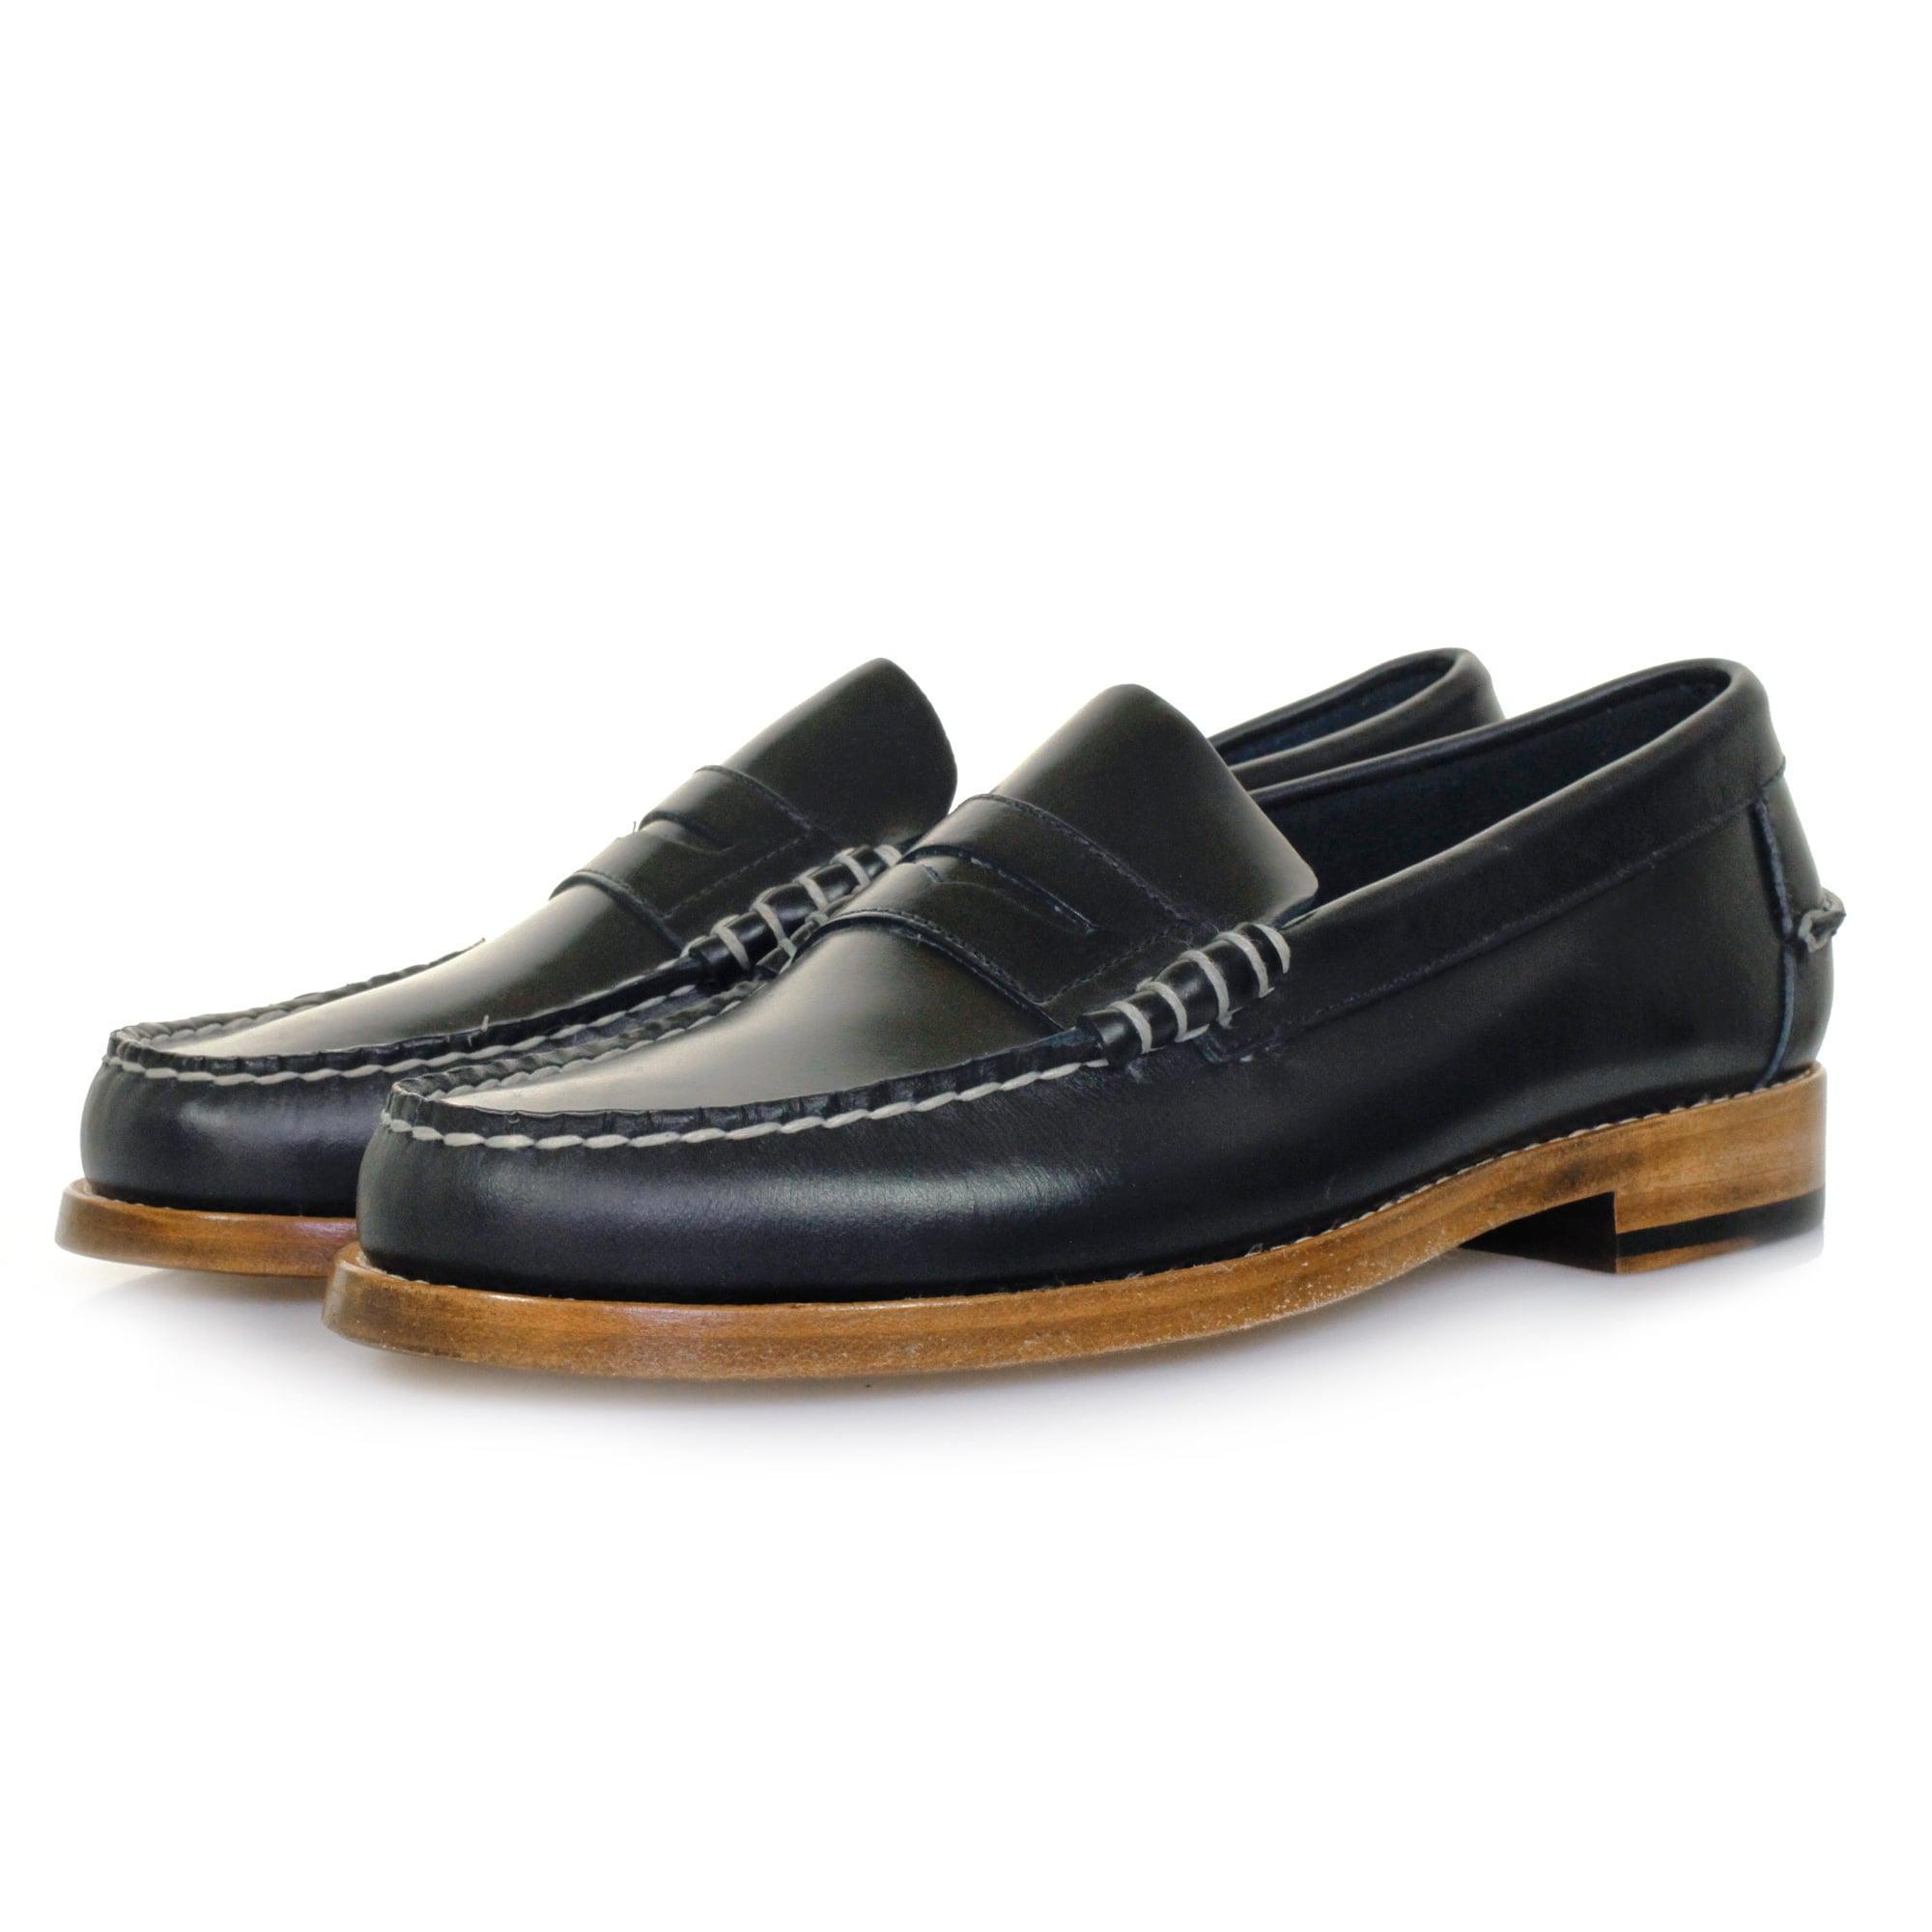 951848df3d1 Lyst - Sebago Legacy Penny Navy Loafer Shoe in Blue for Men